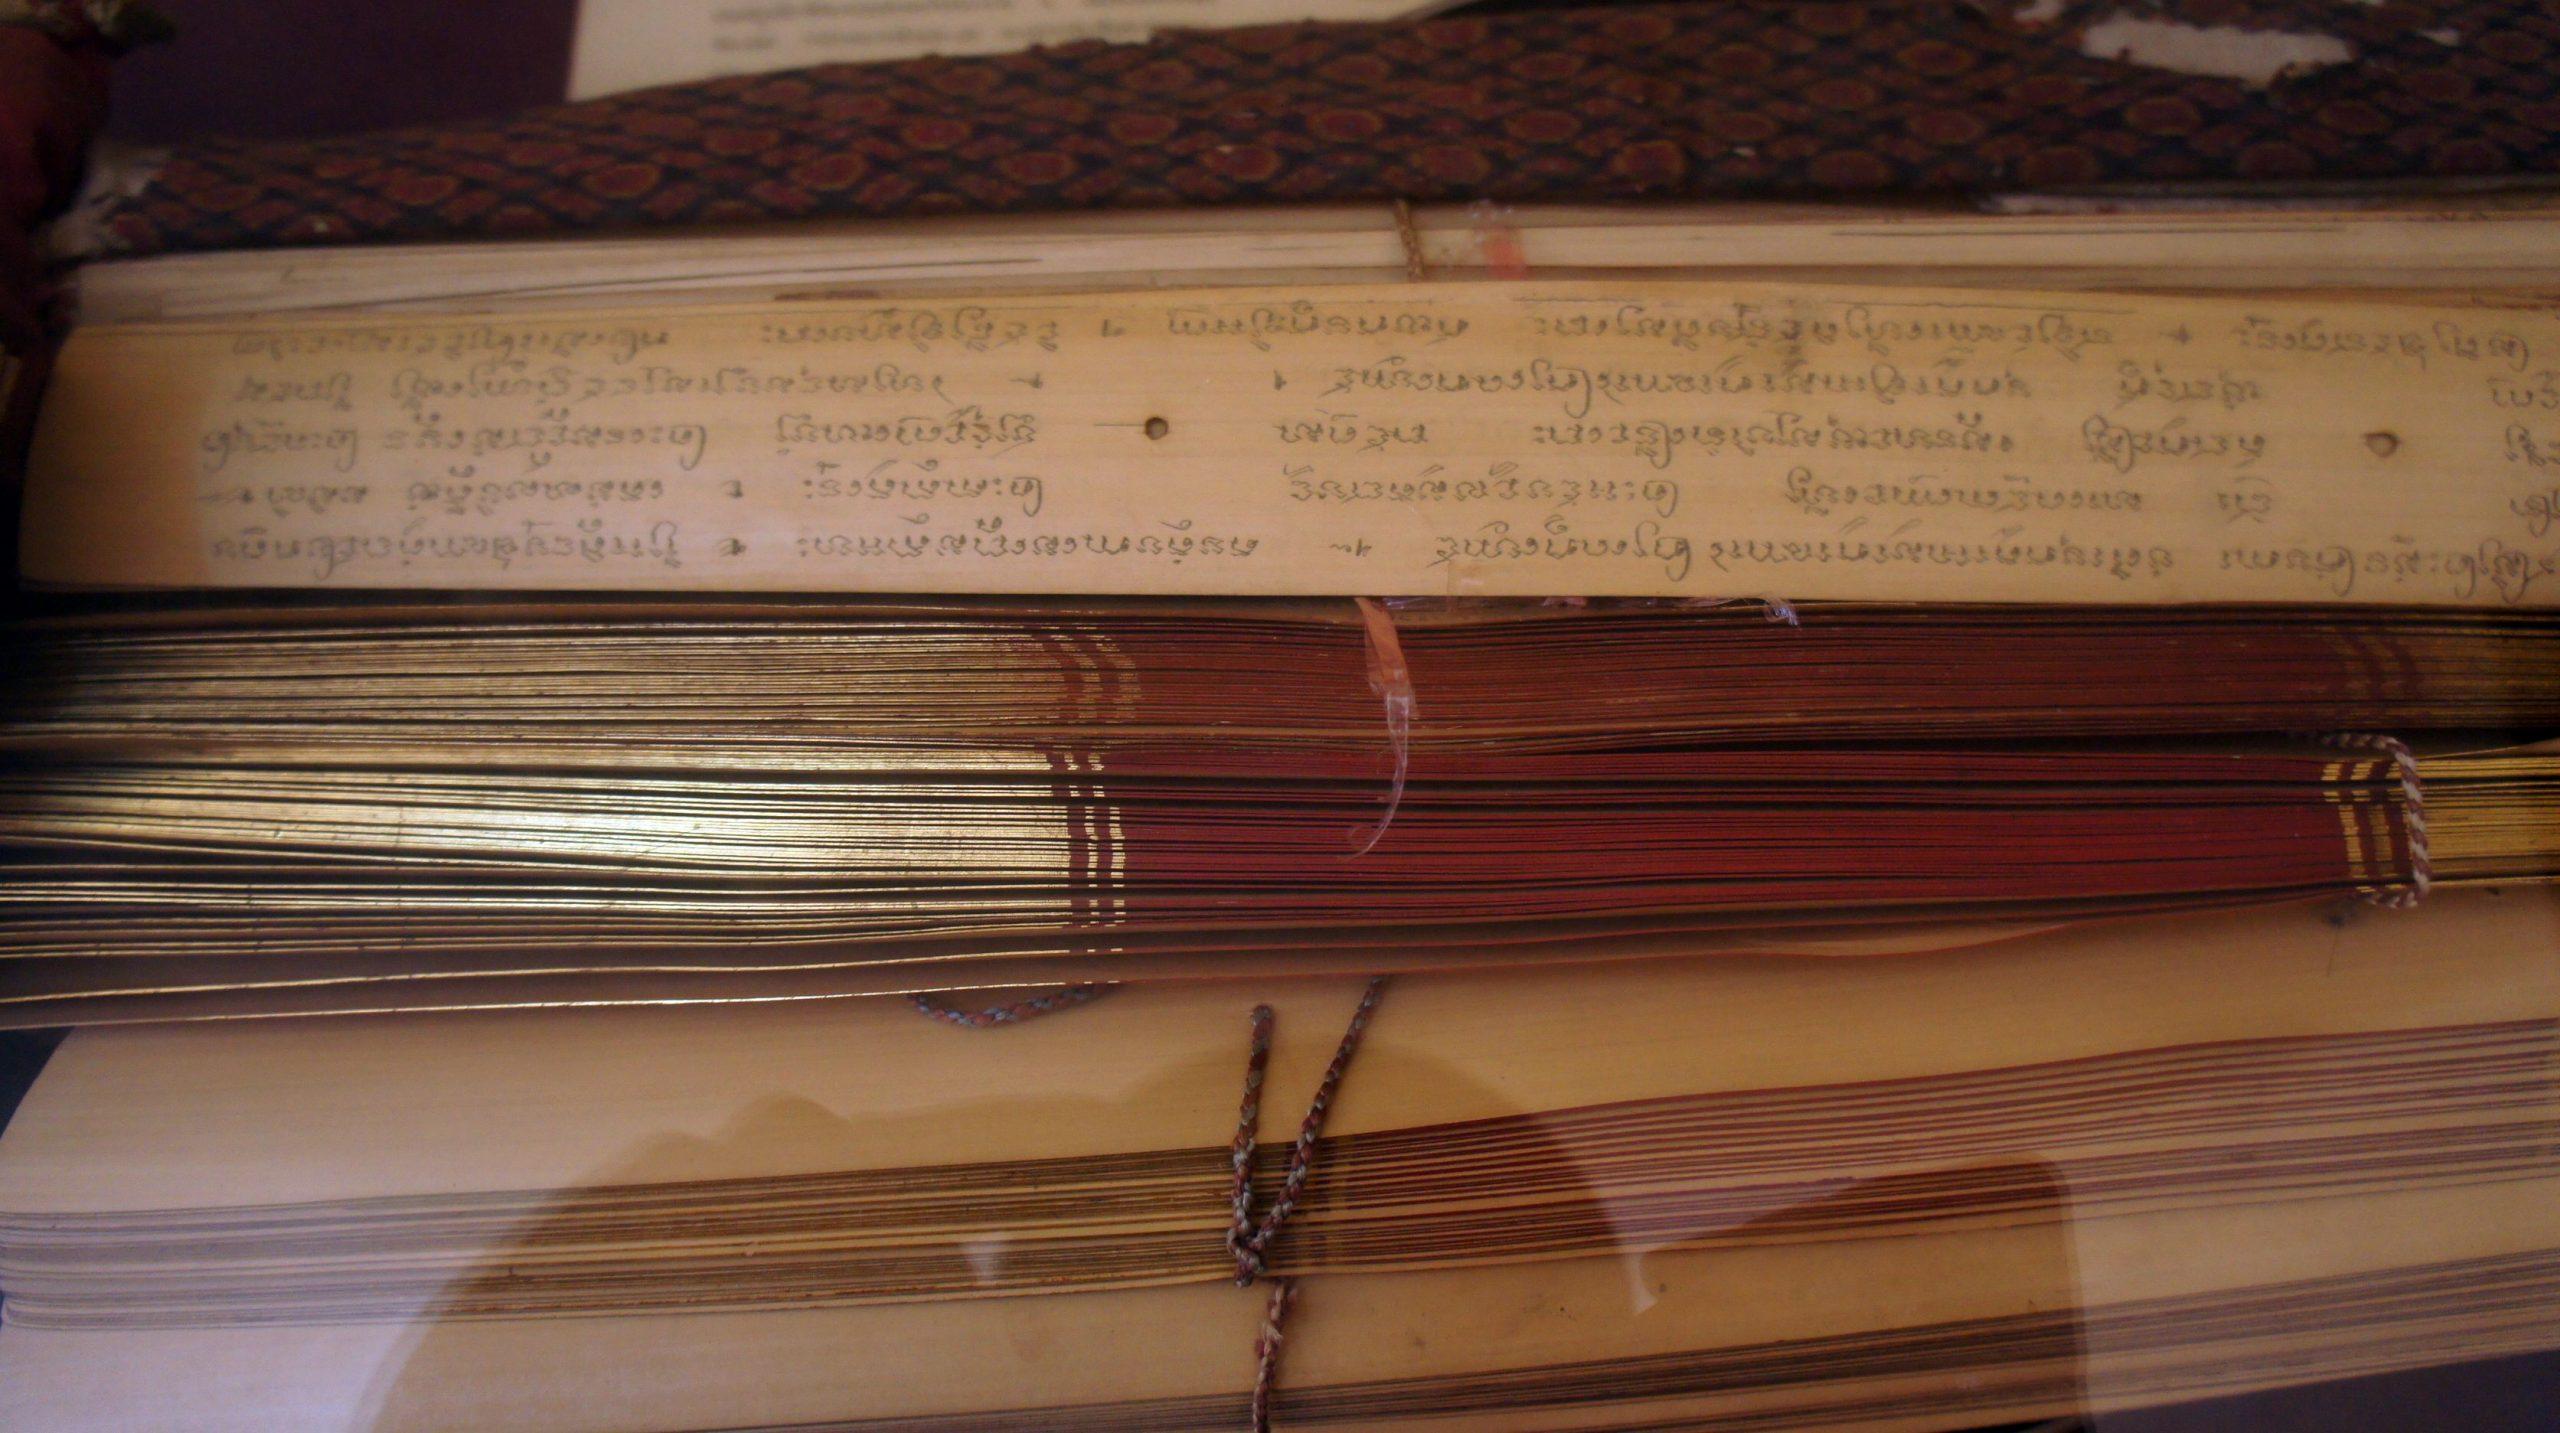 Palmblatt Manuskript